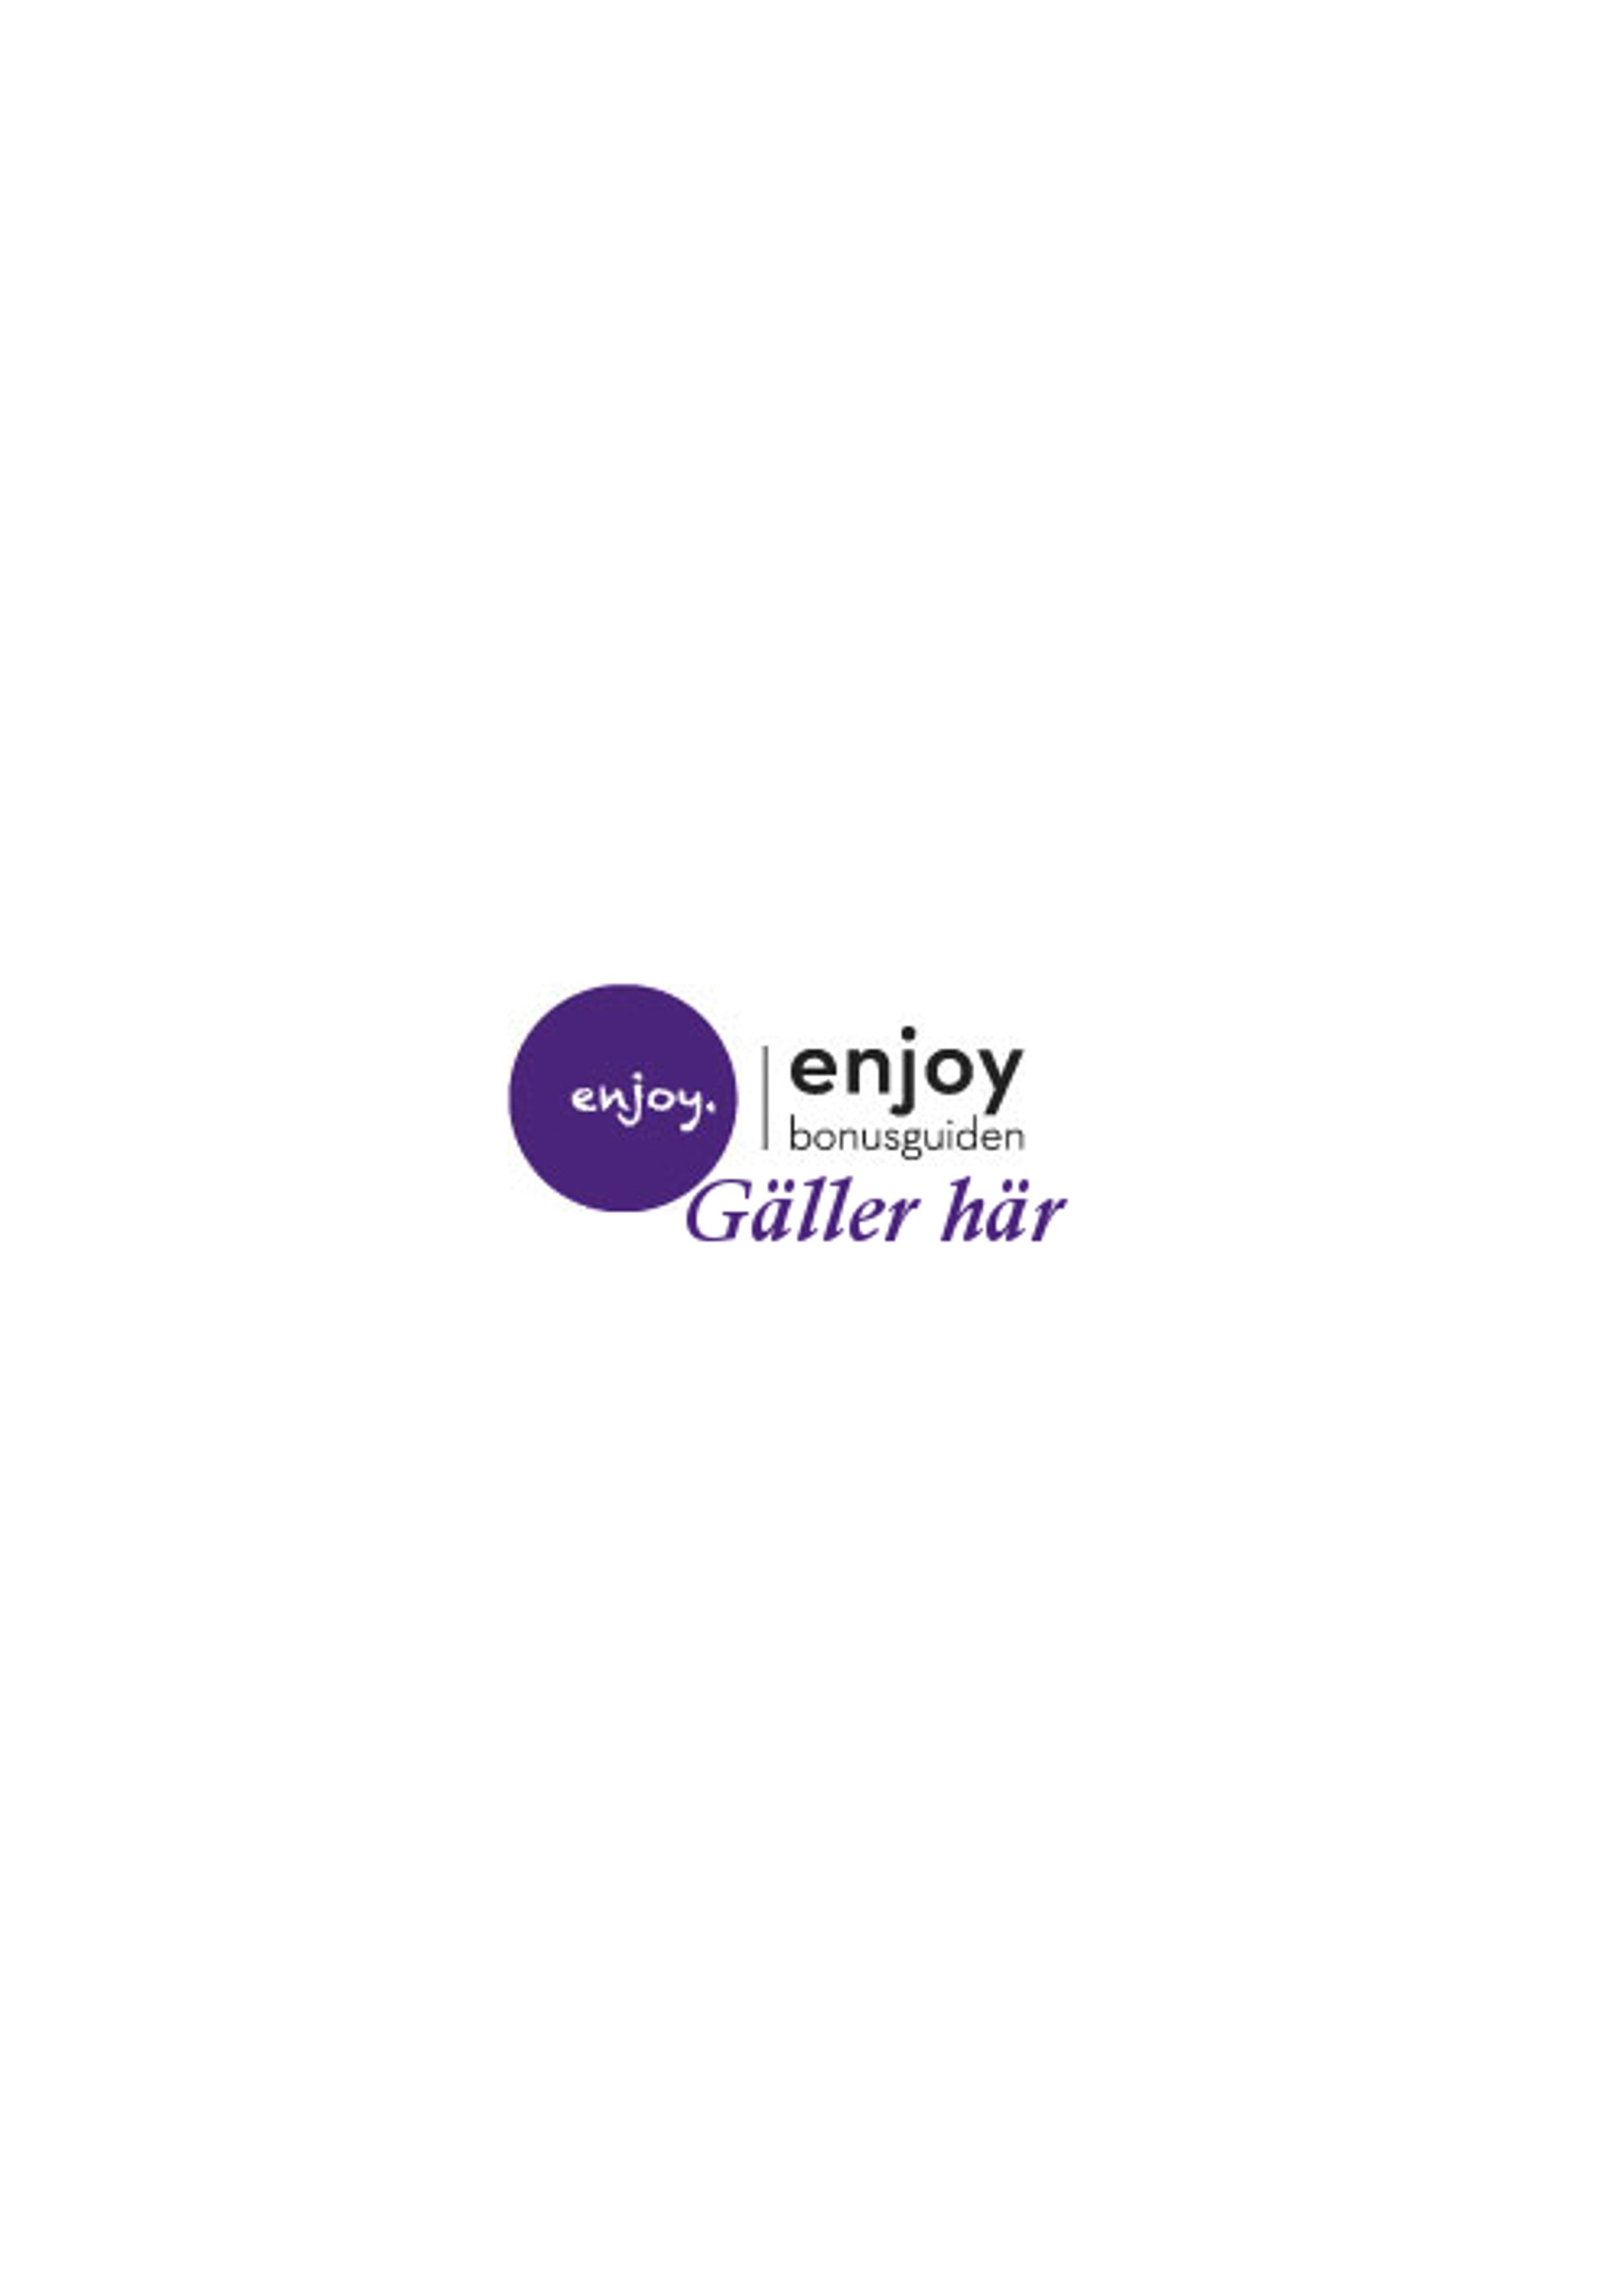 Enjoyguiden-.jpg